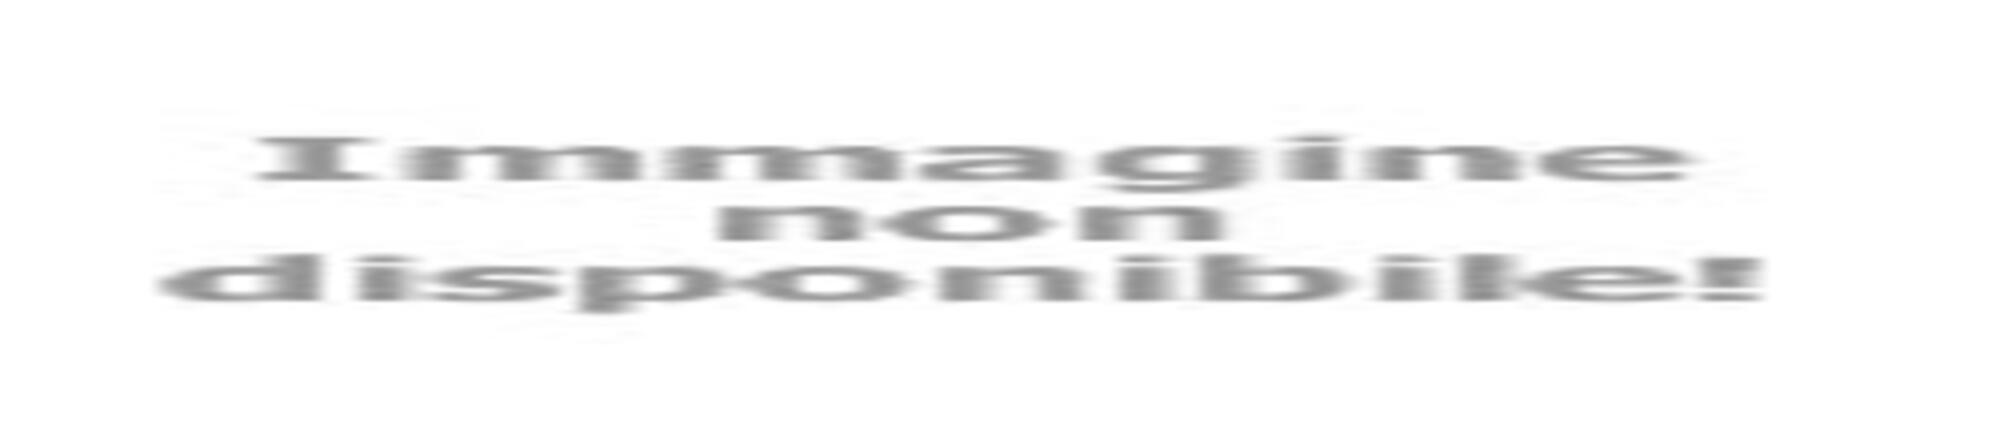 Italian Bike Festival in Rimini: ready to go!